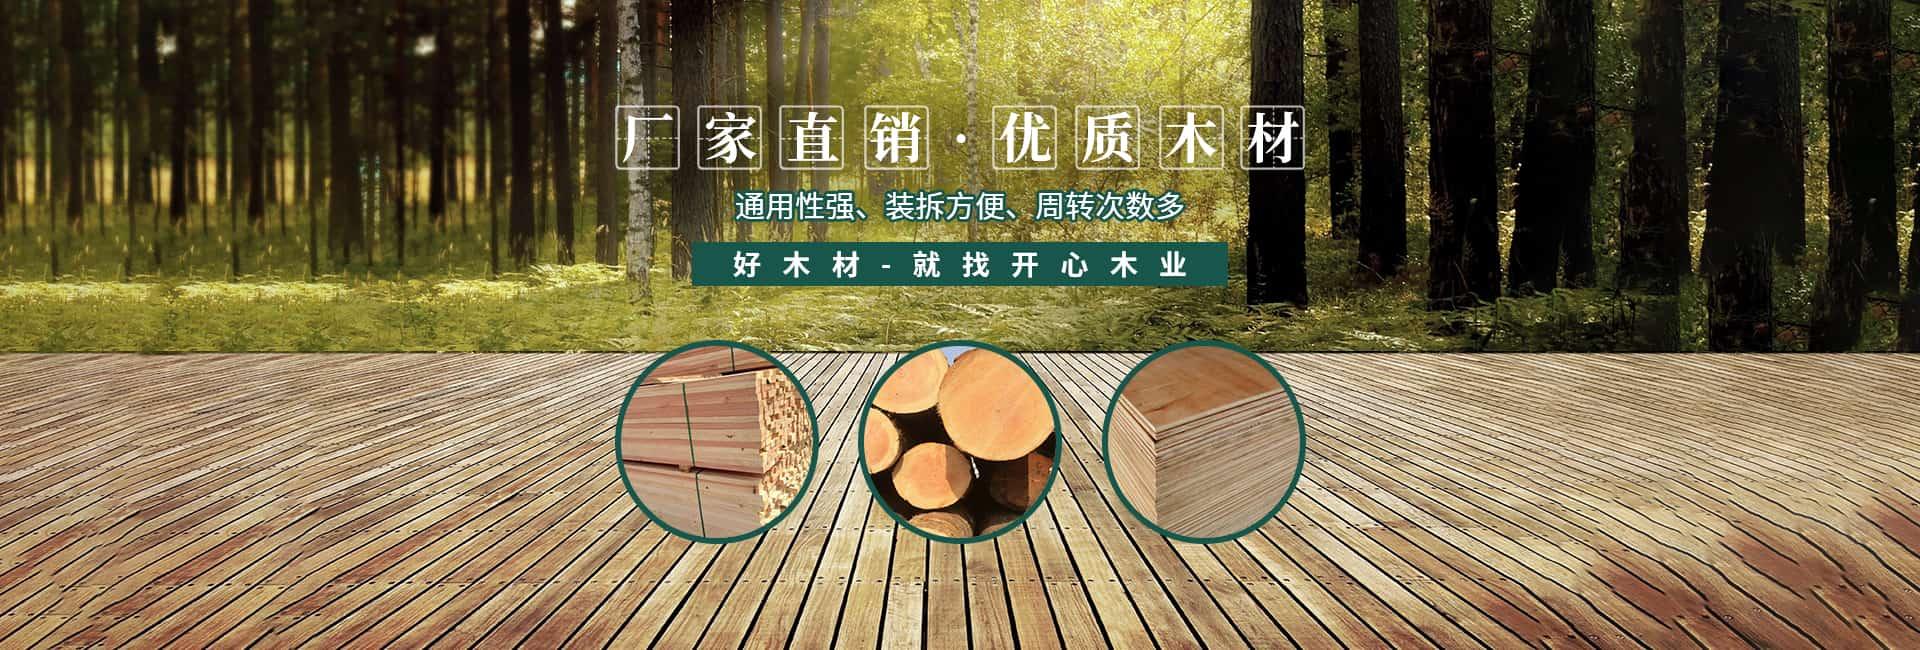 宜賓木材廠家